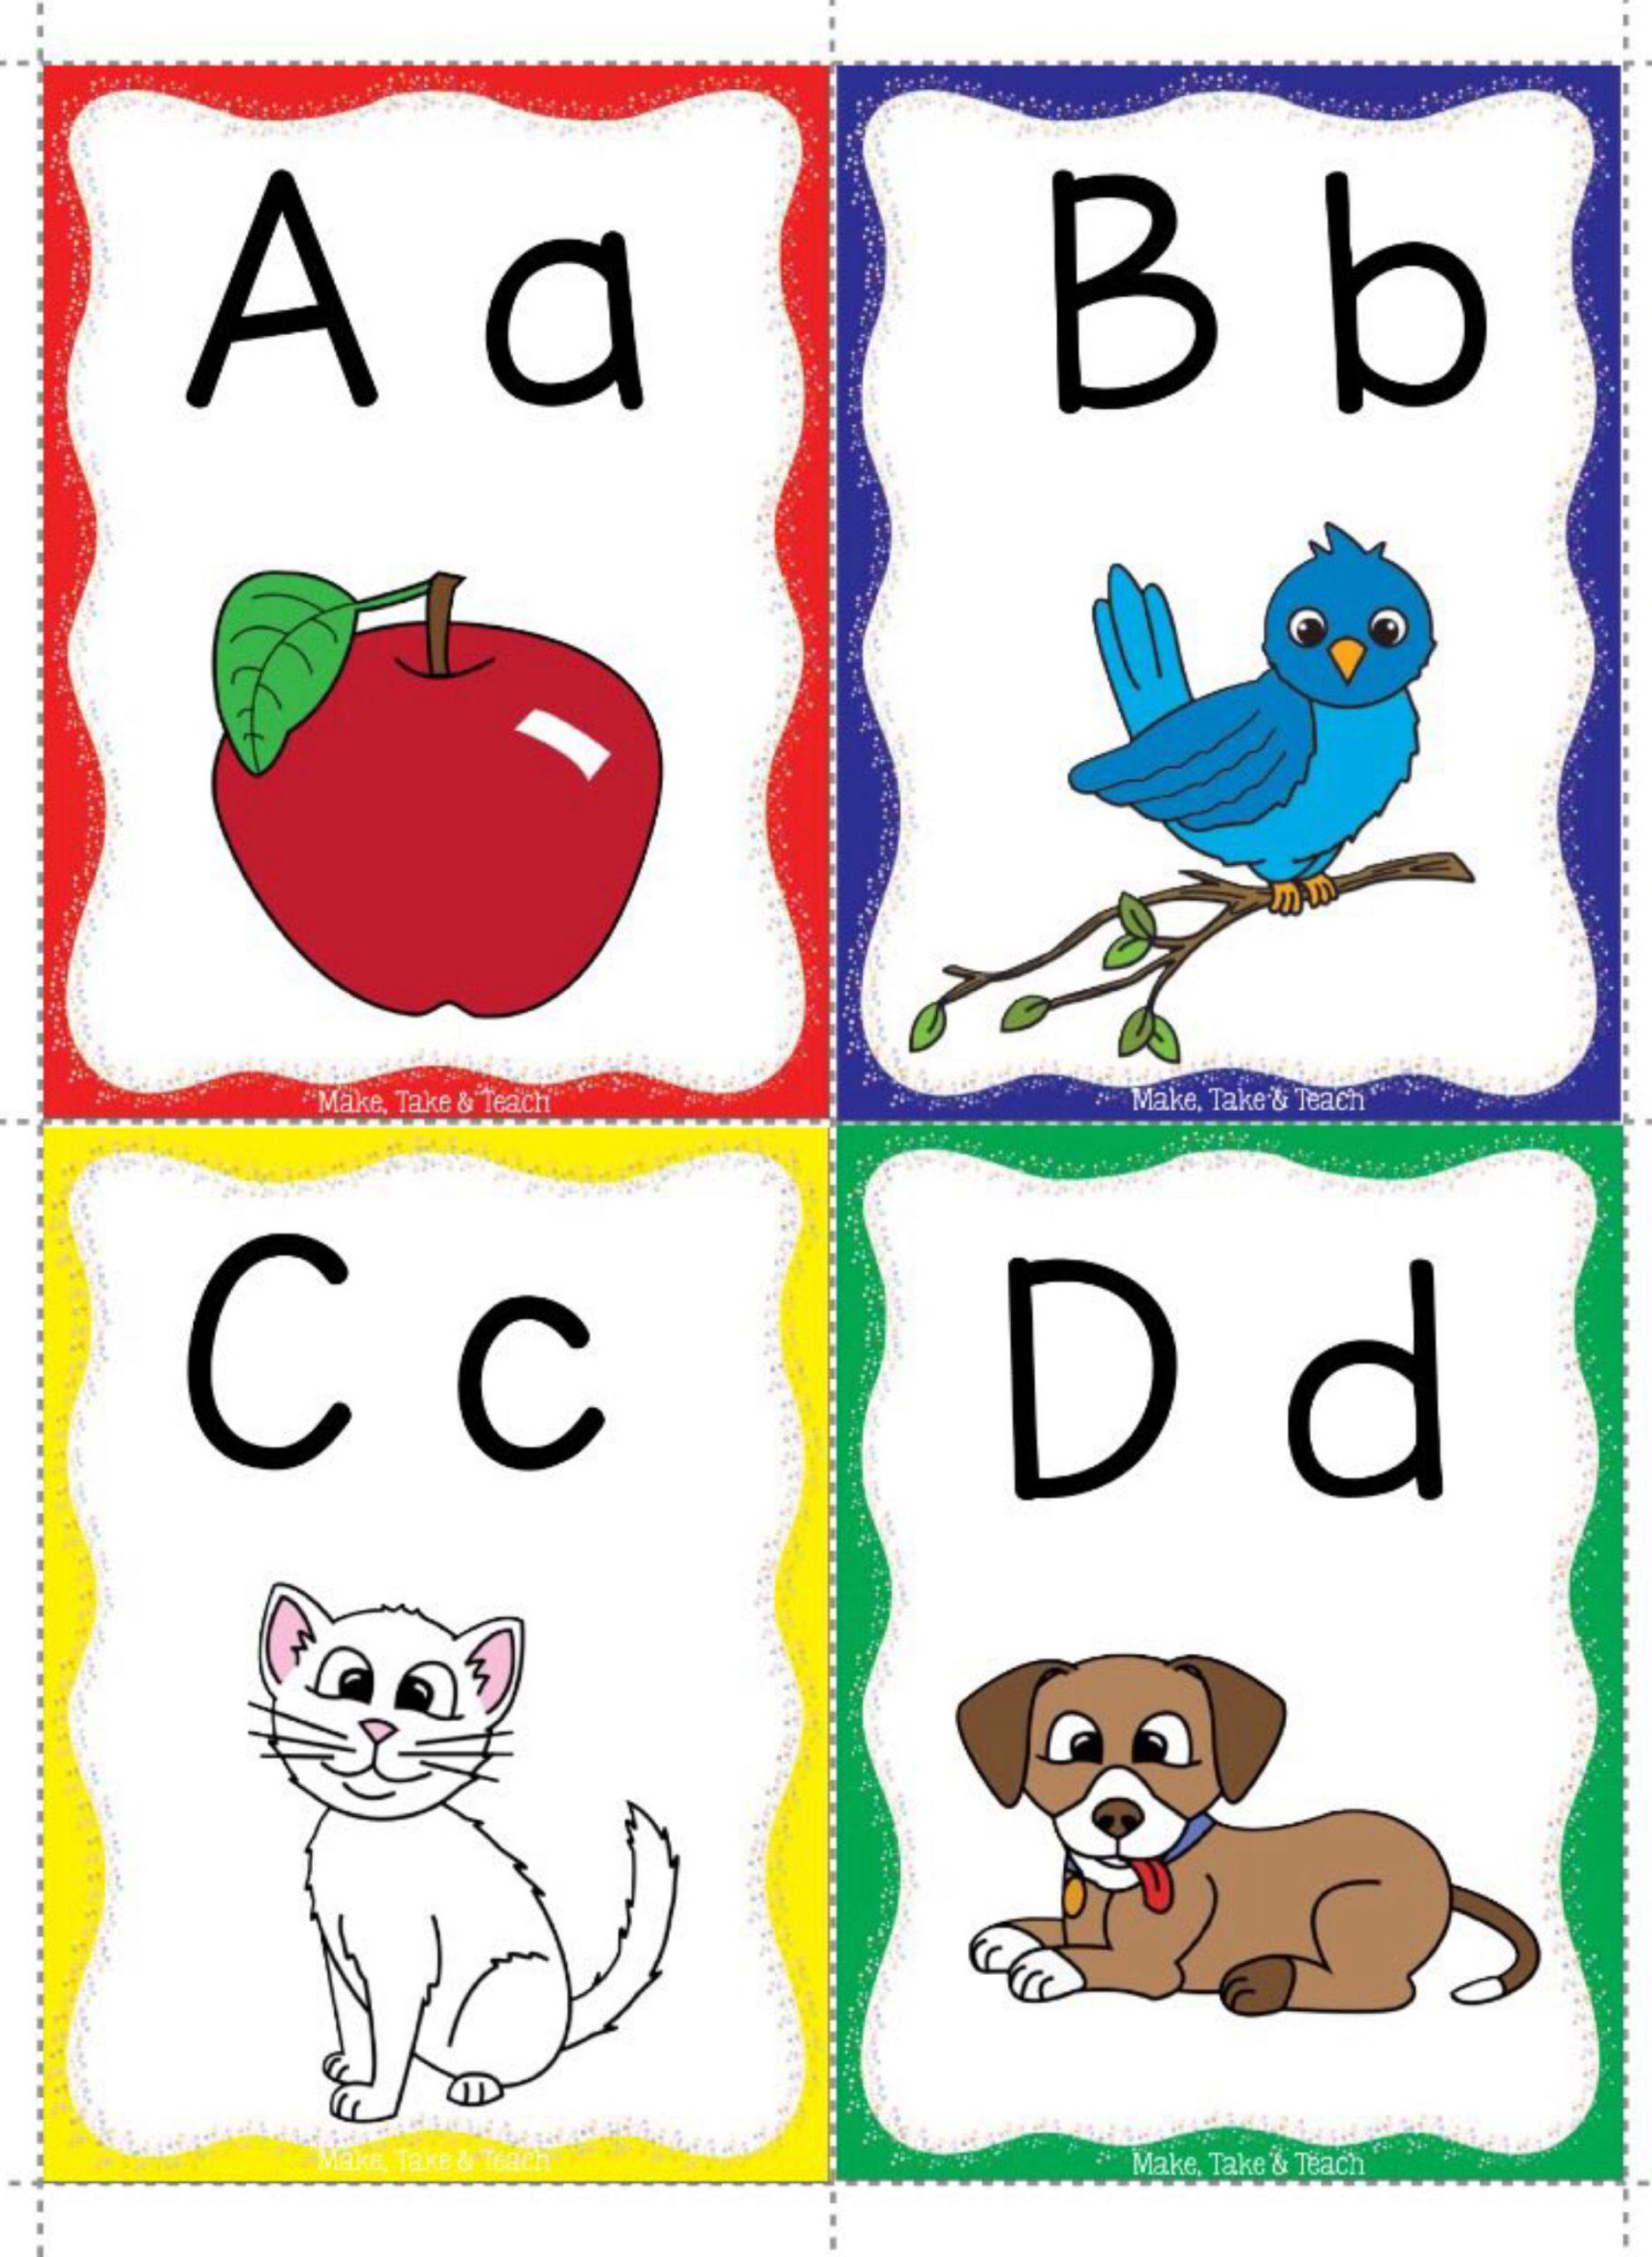 بطاقات تعليم الحروف الانجليزية 2